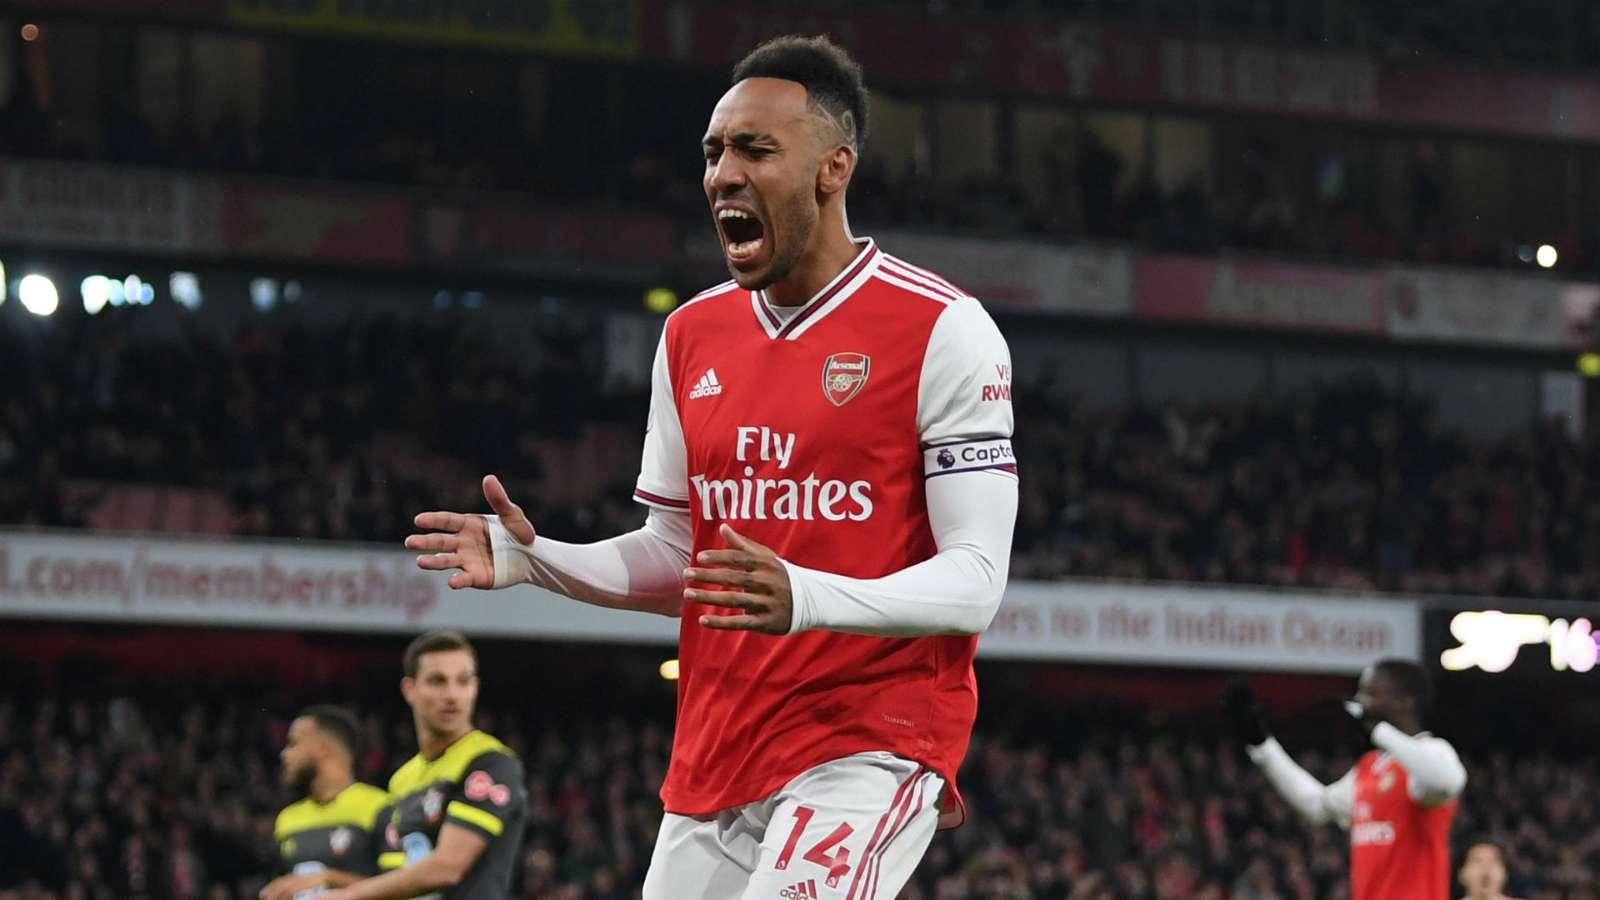 Pierre-Emerick Aubameyang Arsenal Southampton 2019-20